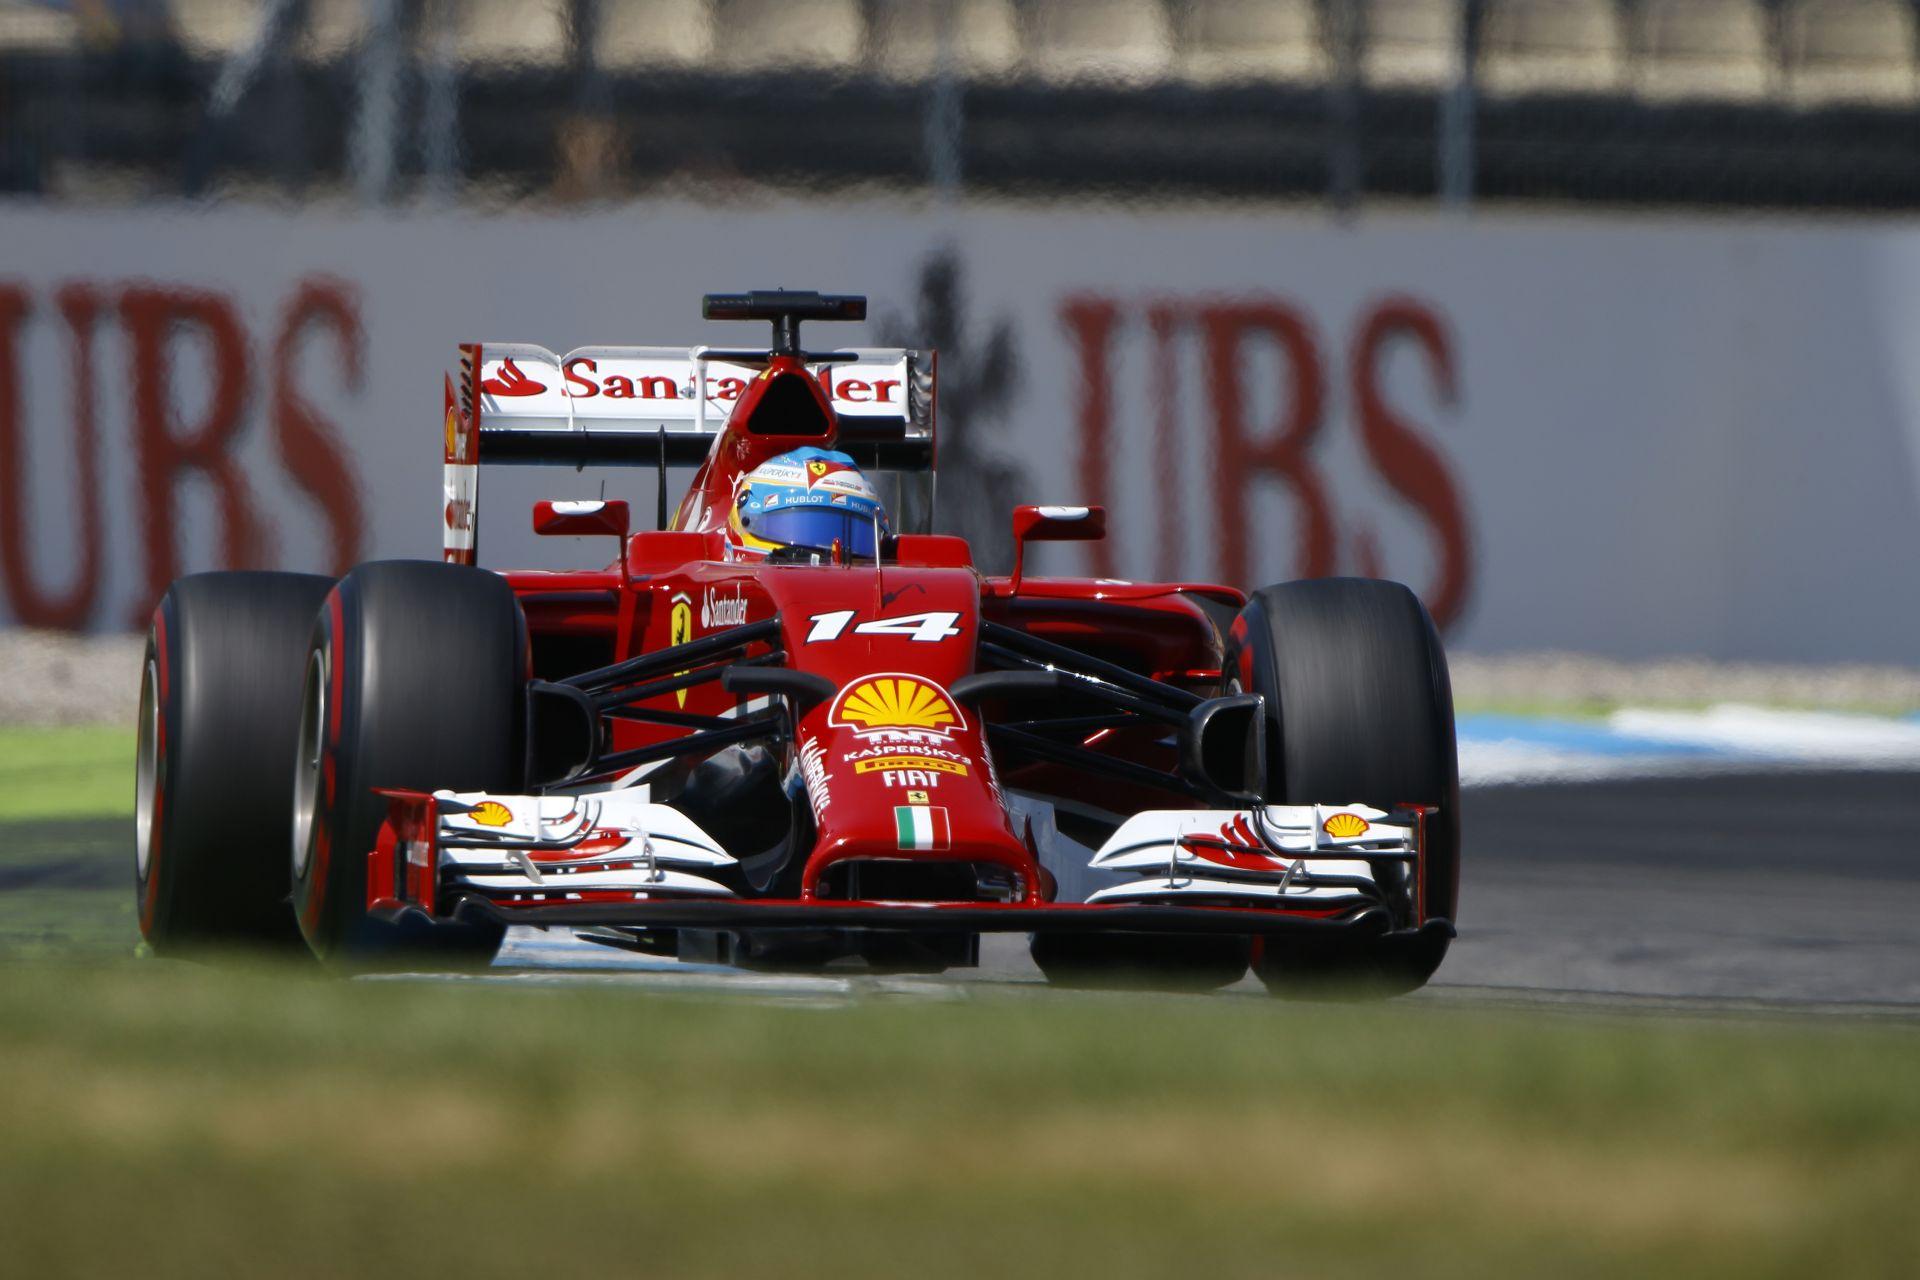 A Ferrari hamarosan teljesen átáll a 2015-ös versenygép fejlesztésére